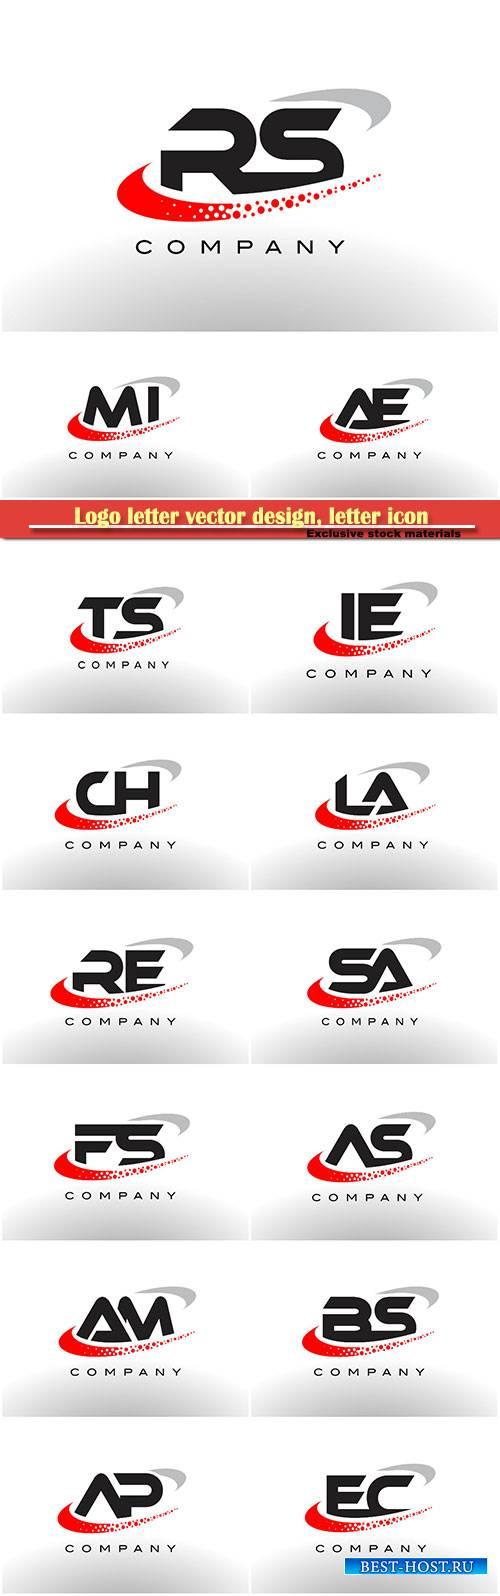 Logo letter vector design, letter icon # 15